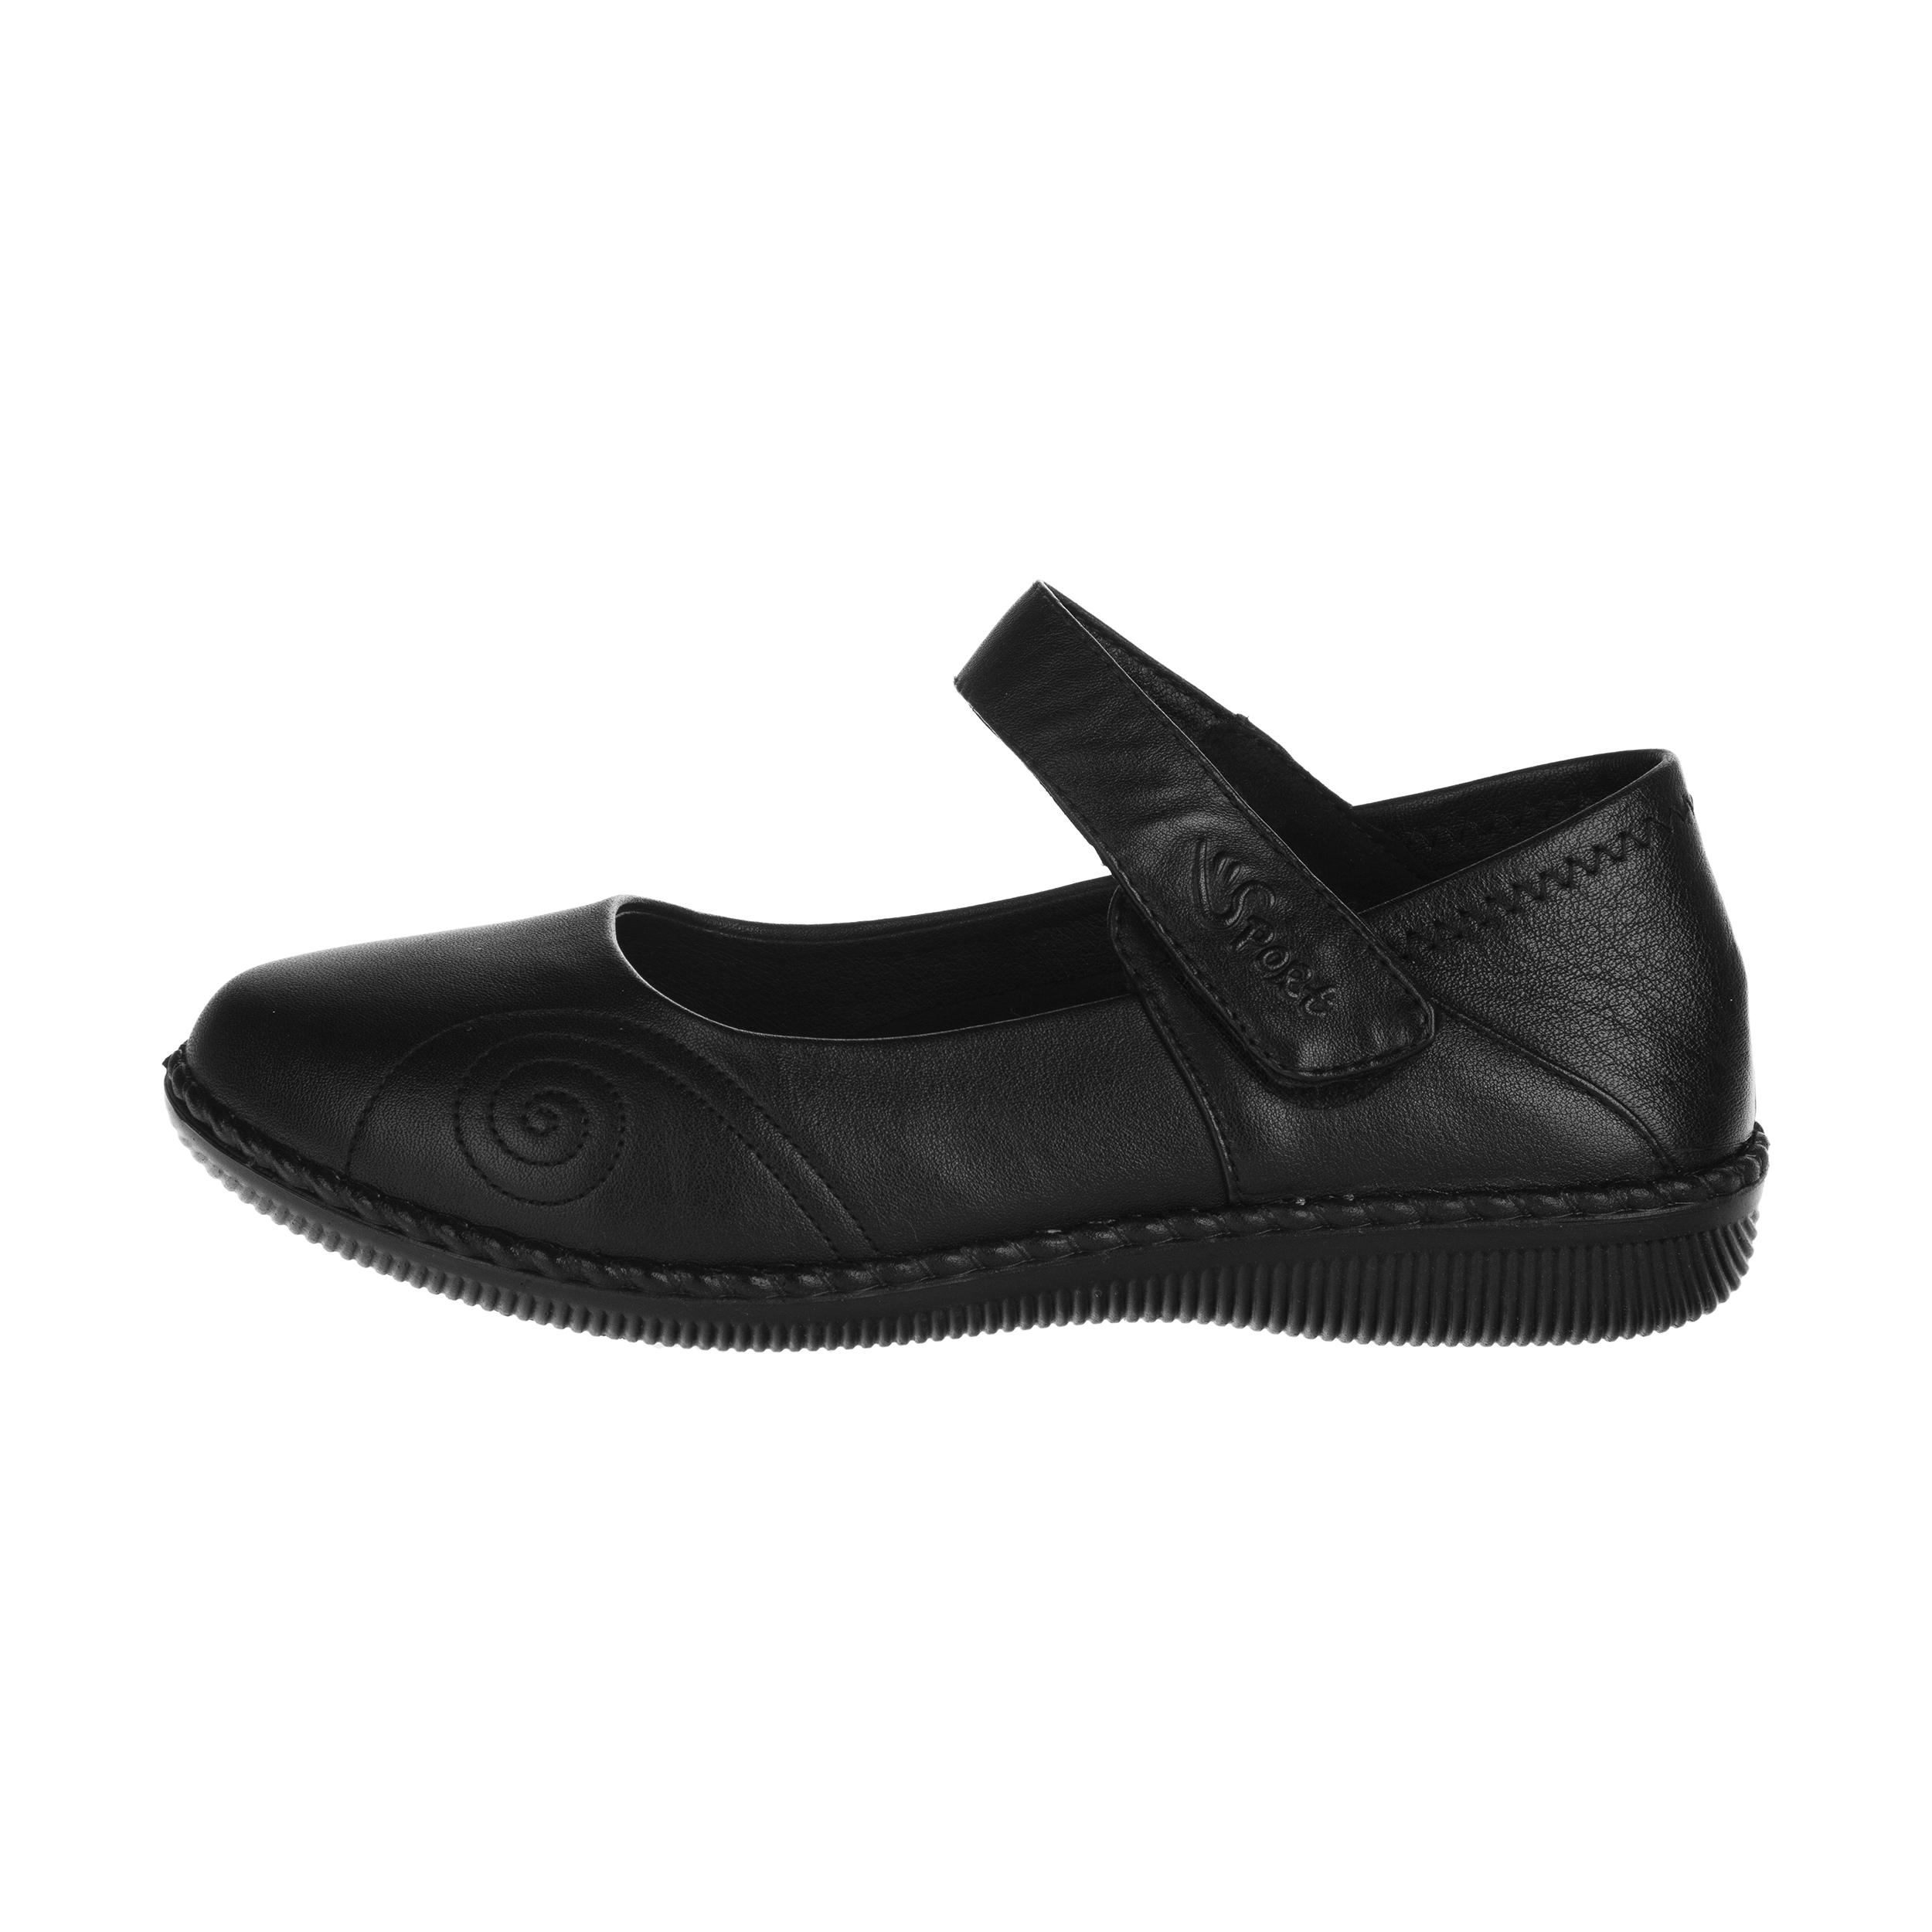 کفش روزمره زنانه اکو کد 9c07068_37